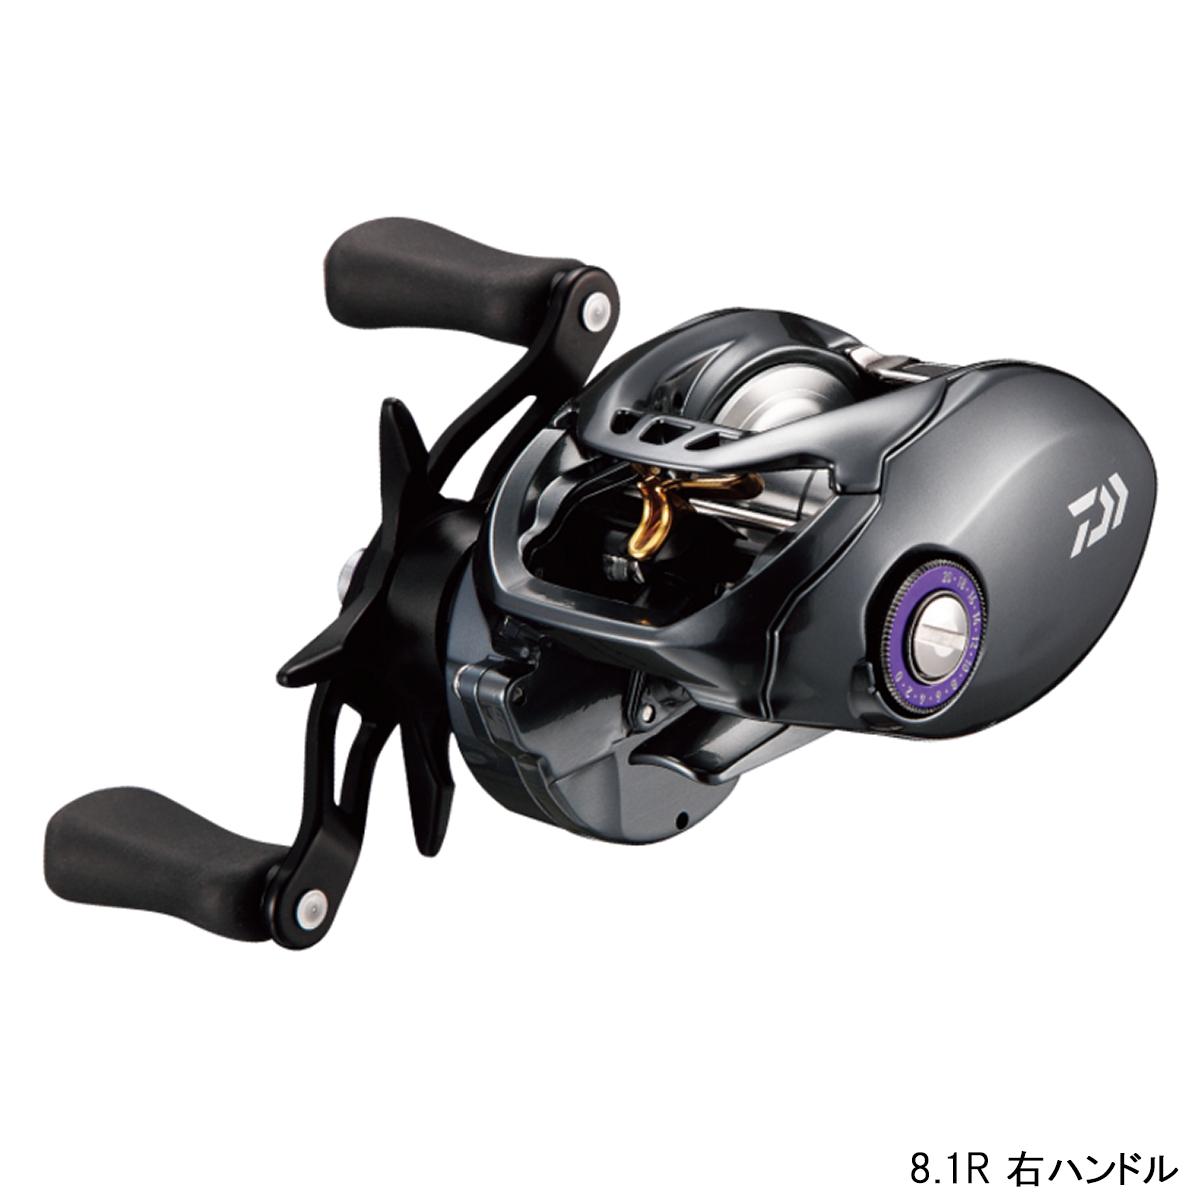 ダイワ タトゥーラ SV TW 8.1R 右ハンドル(東日本店)